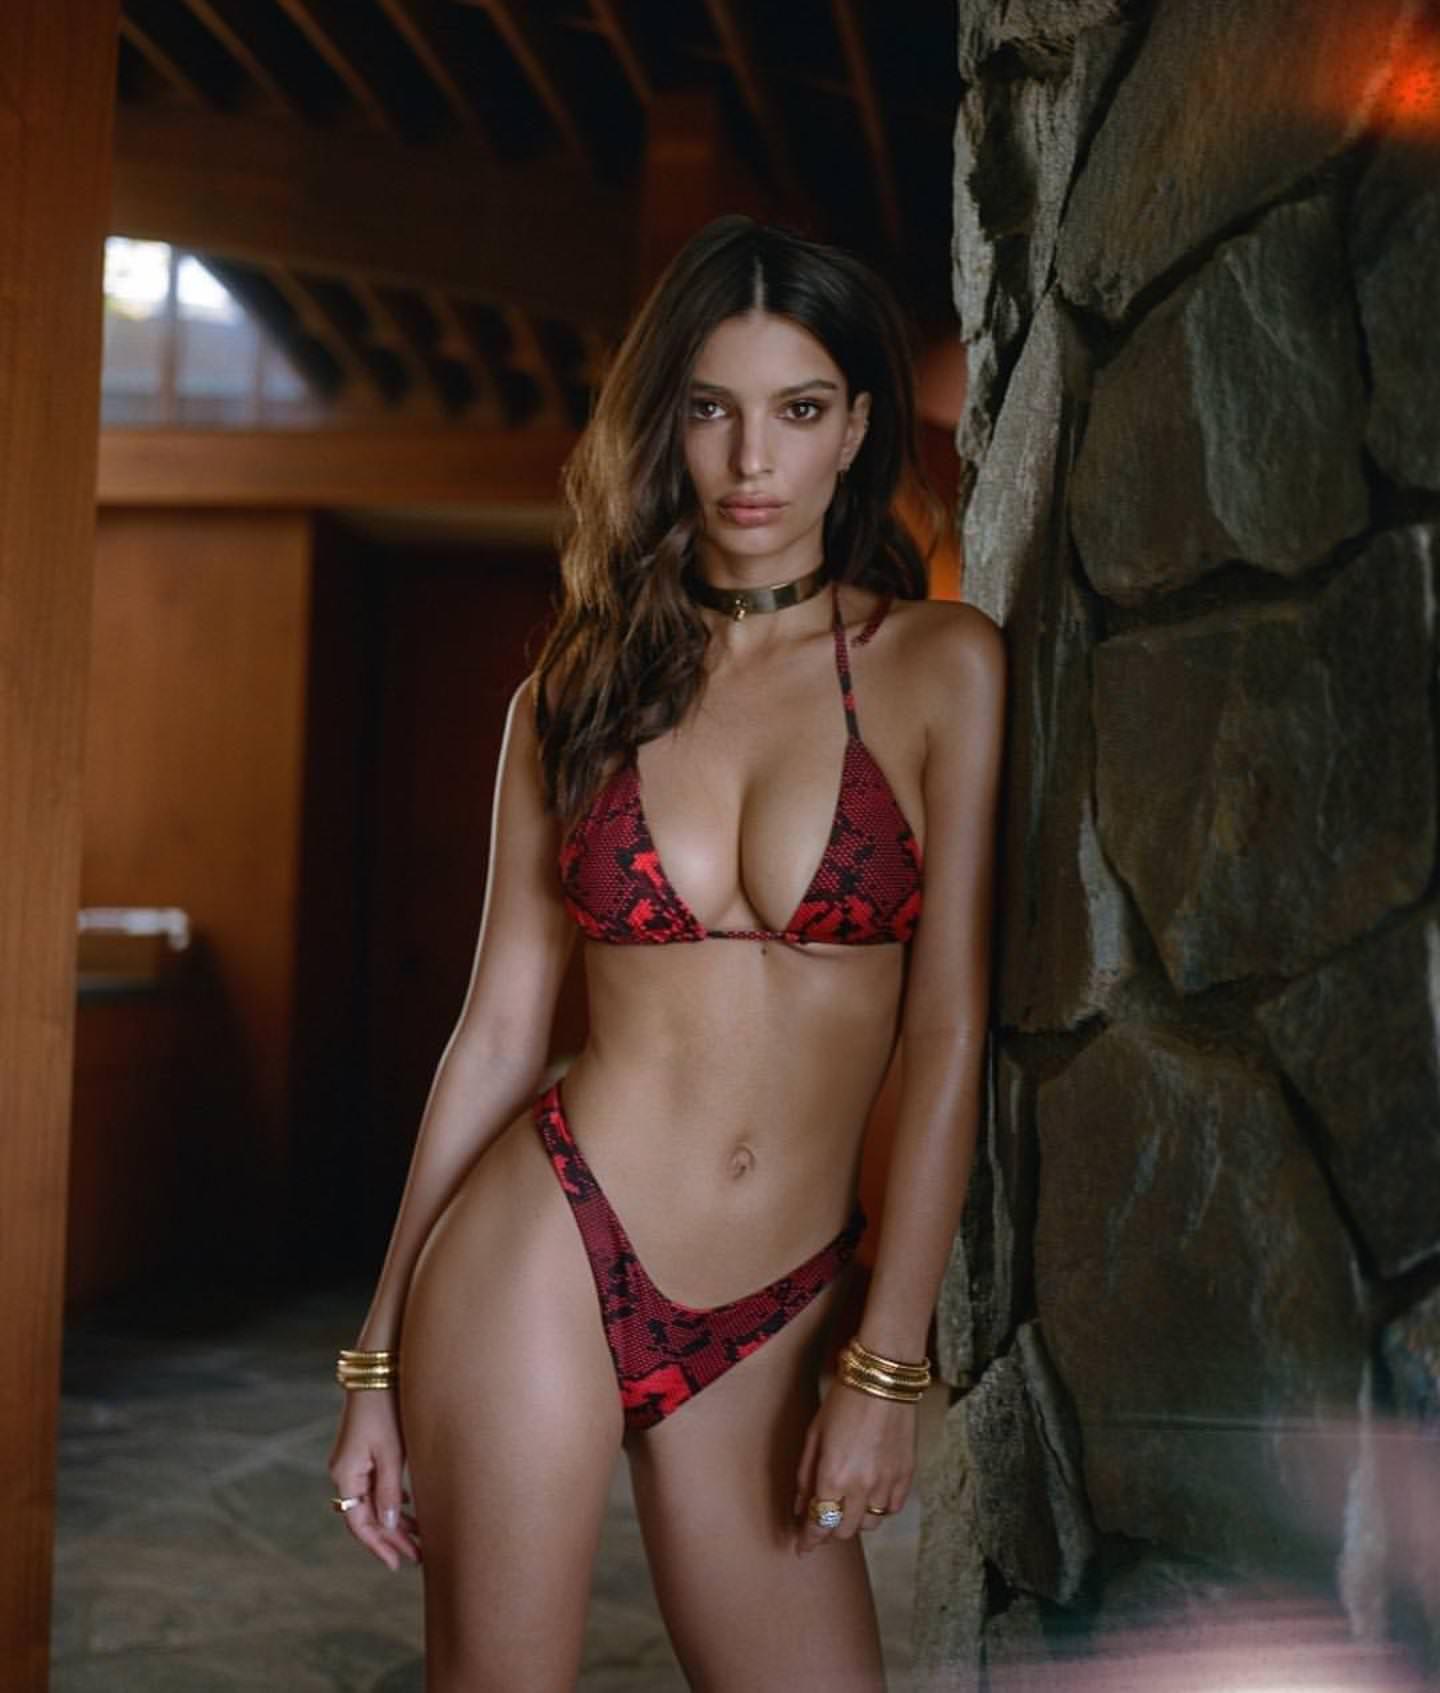 d5d2fa2929 Emily Ratajkowski Emily Ratajkowski, Red Bikini, Bikini Tops, Bikini  Swimwear, Bikini Babes